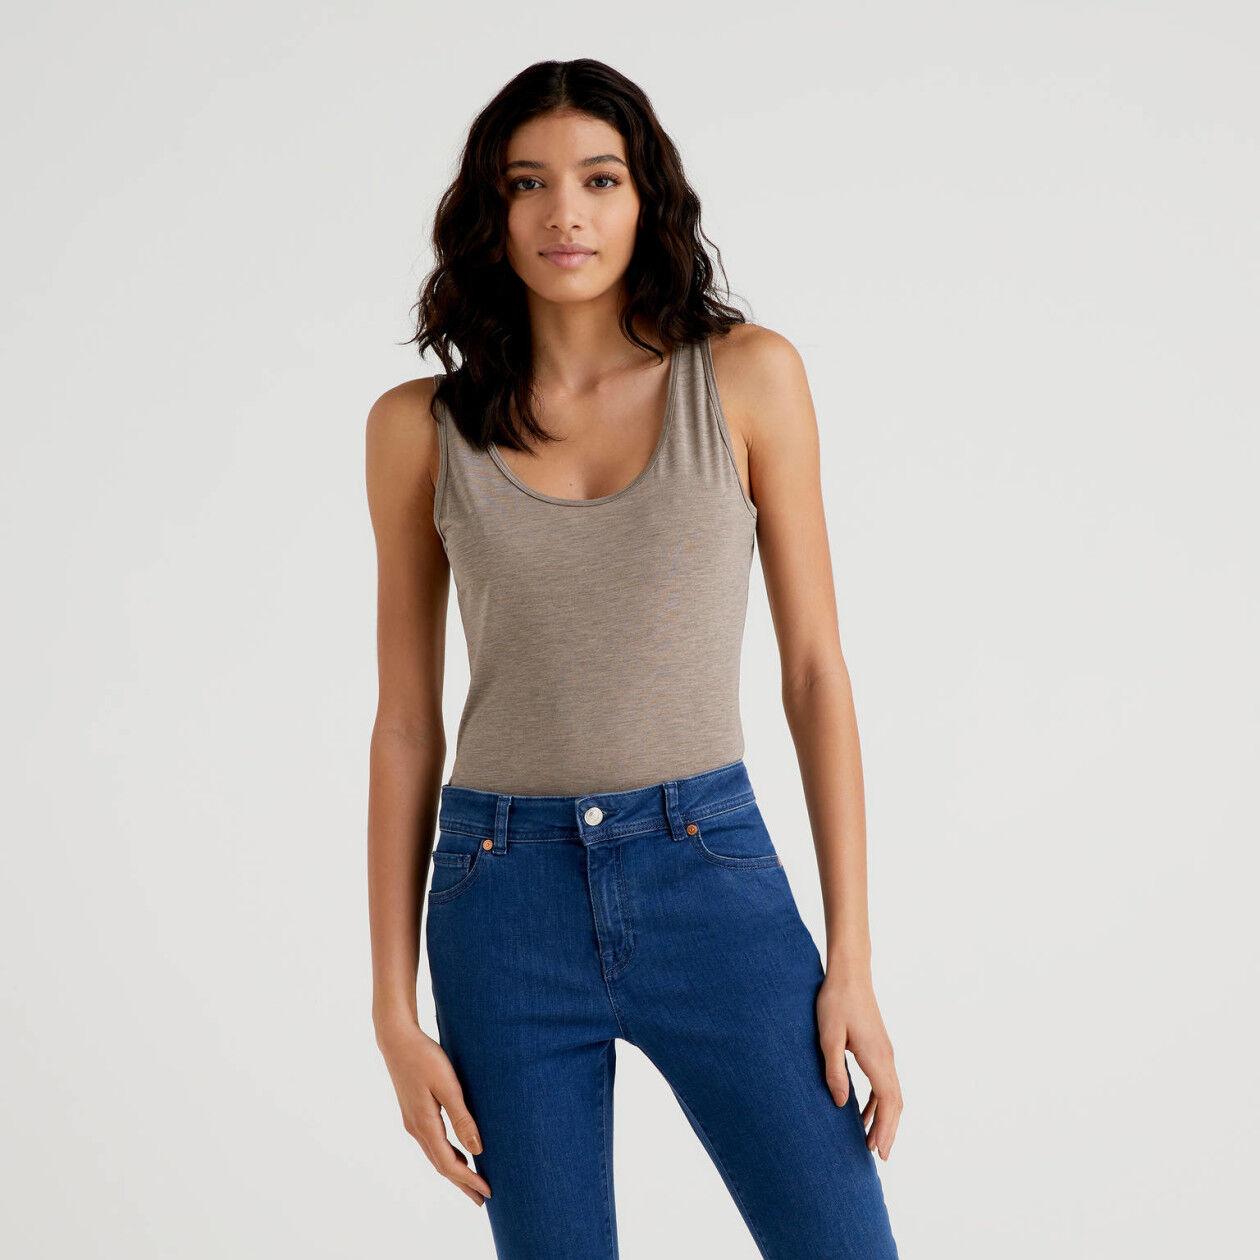 Camiseta de tirantes con escote redondo